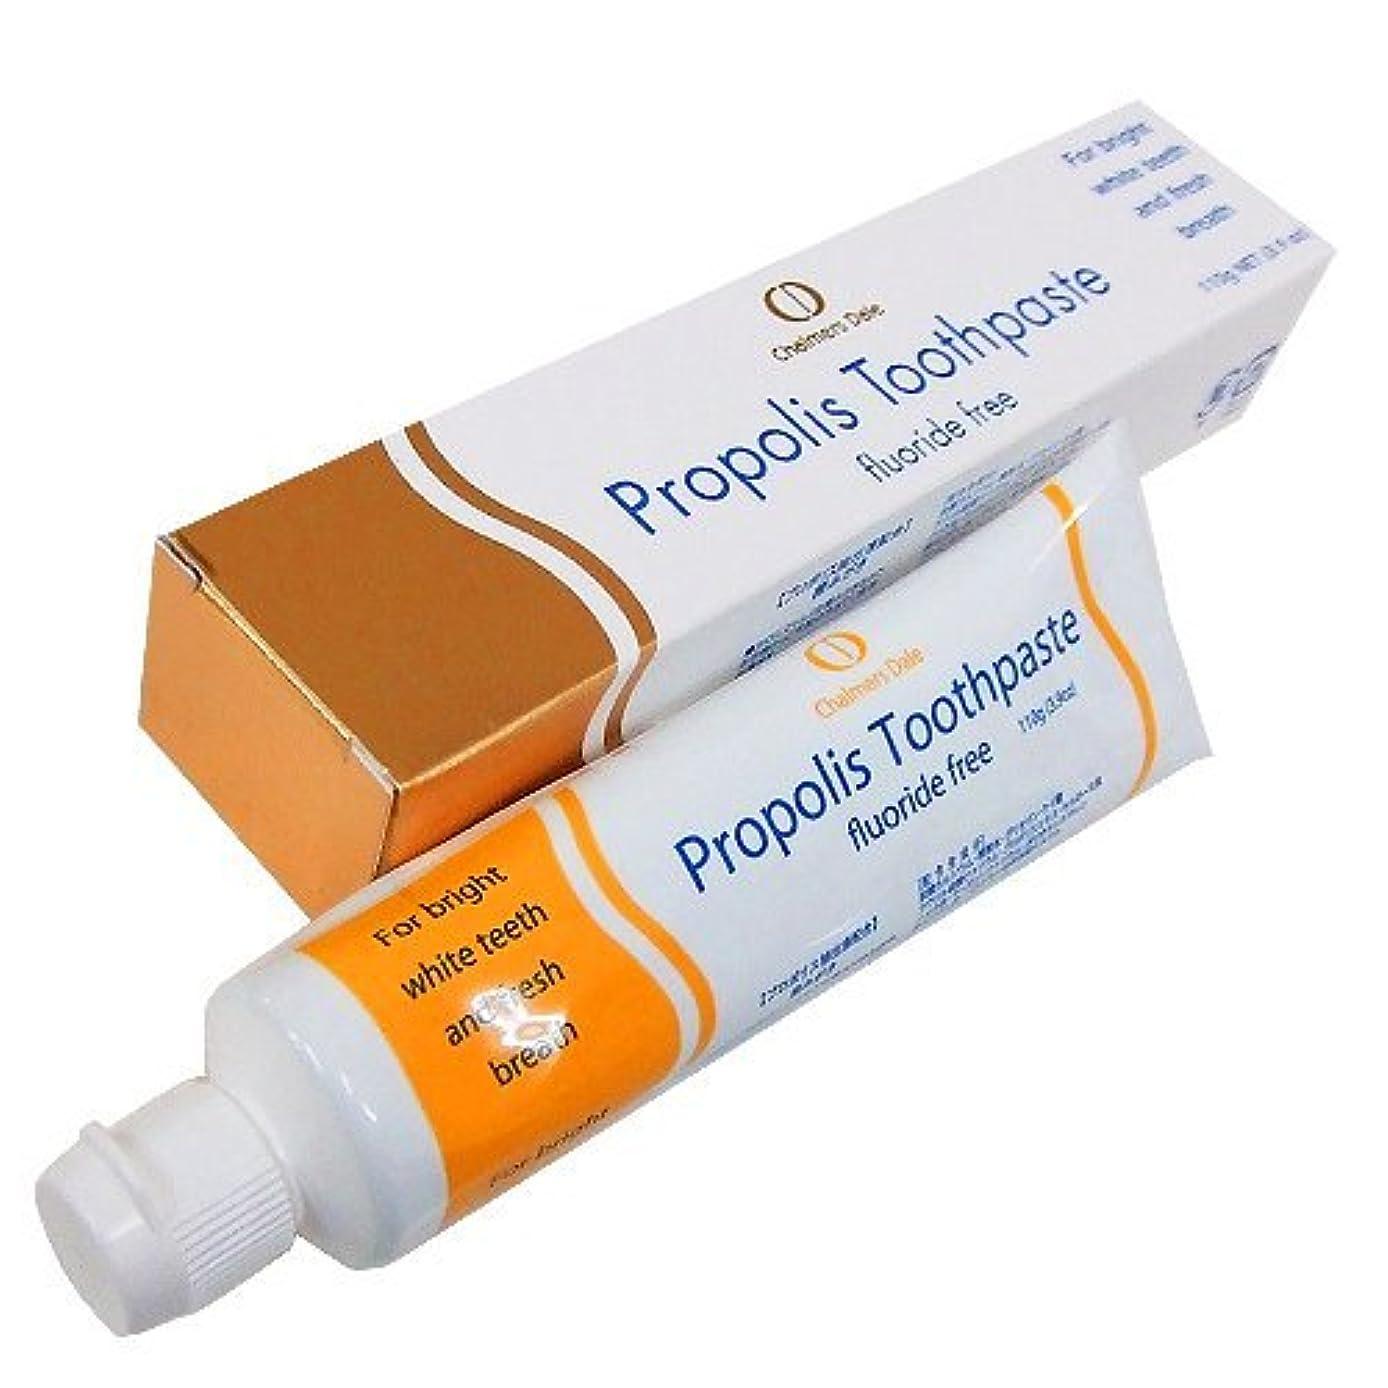 立ち向かう構成補正プロポリス歯磨き 110g フッ素は配合していません